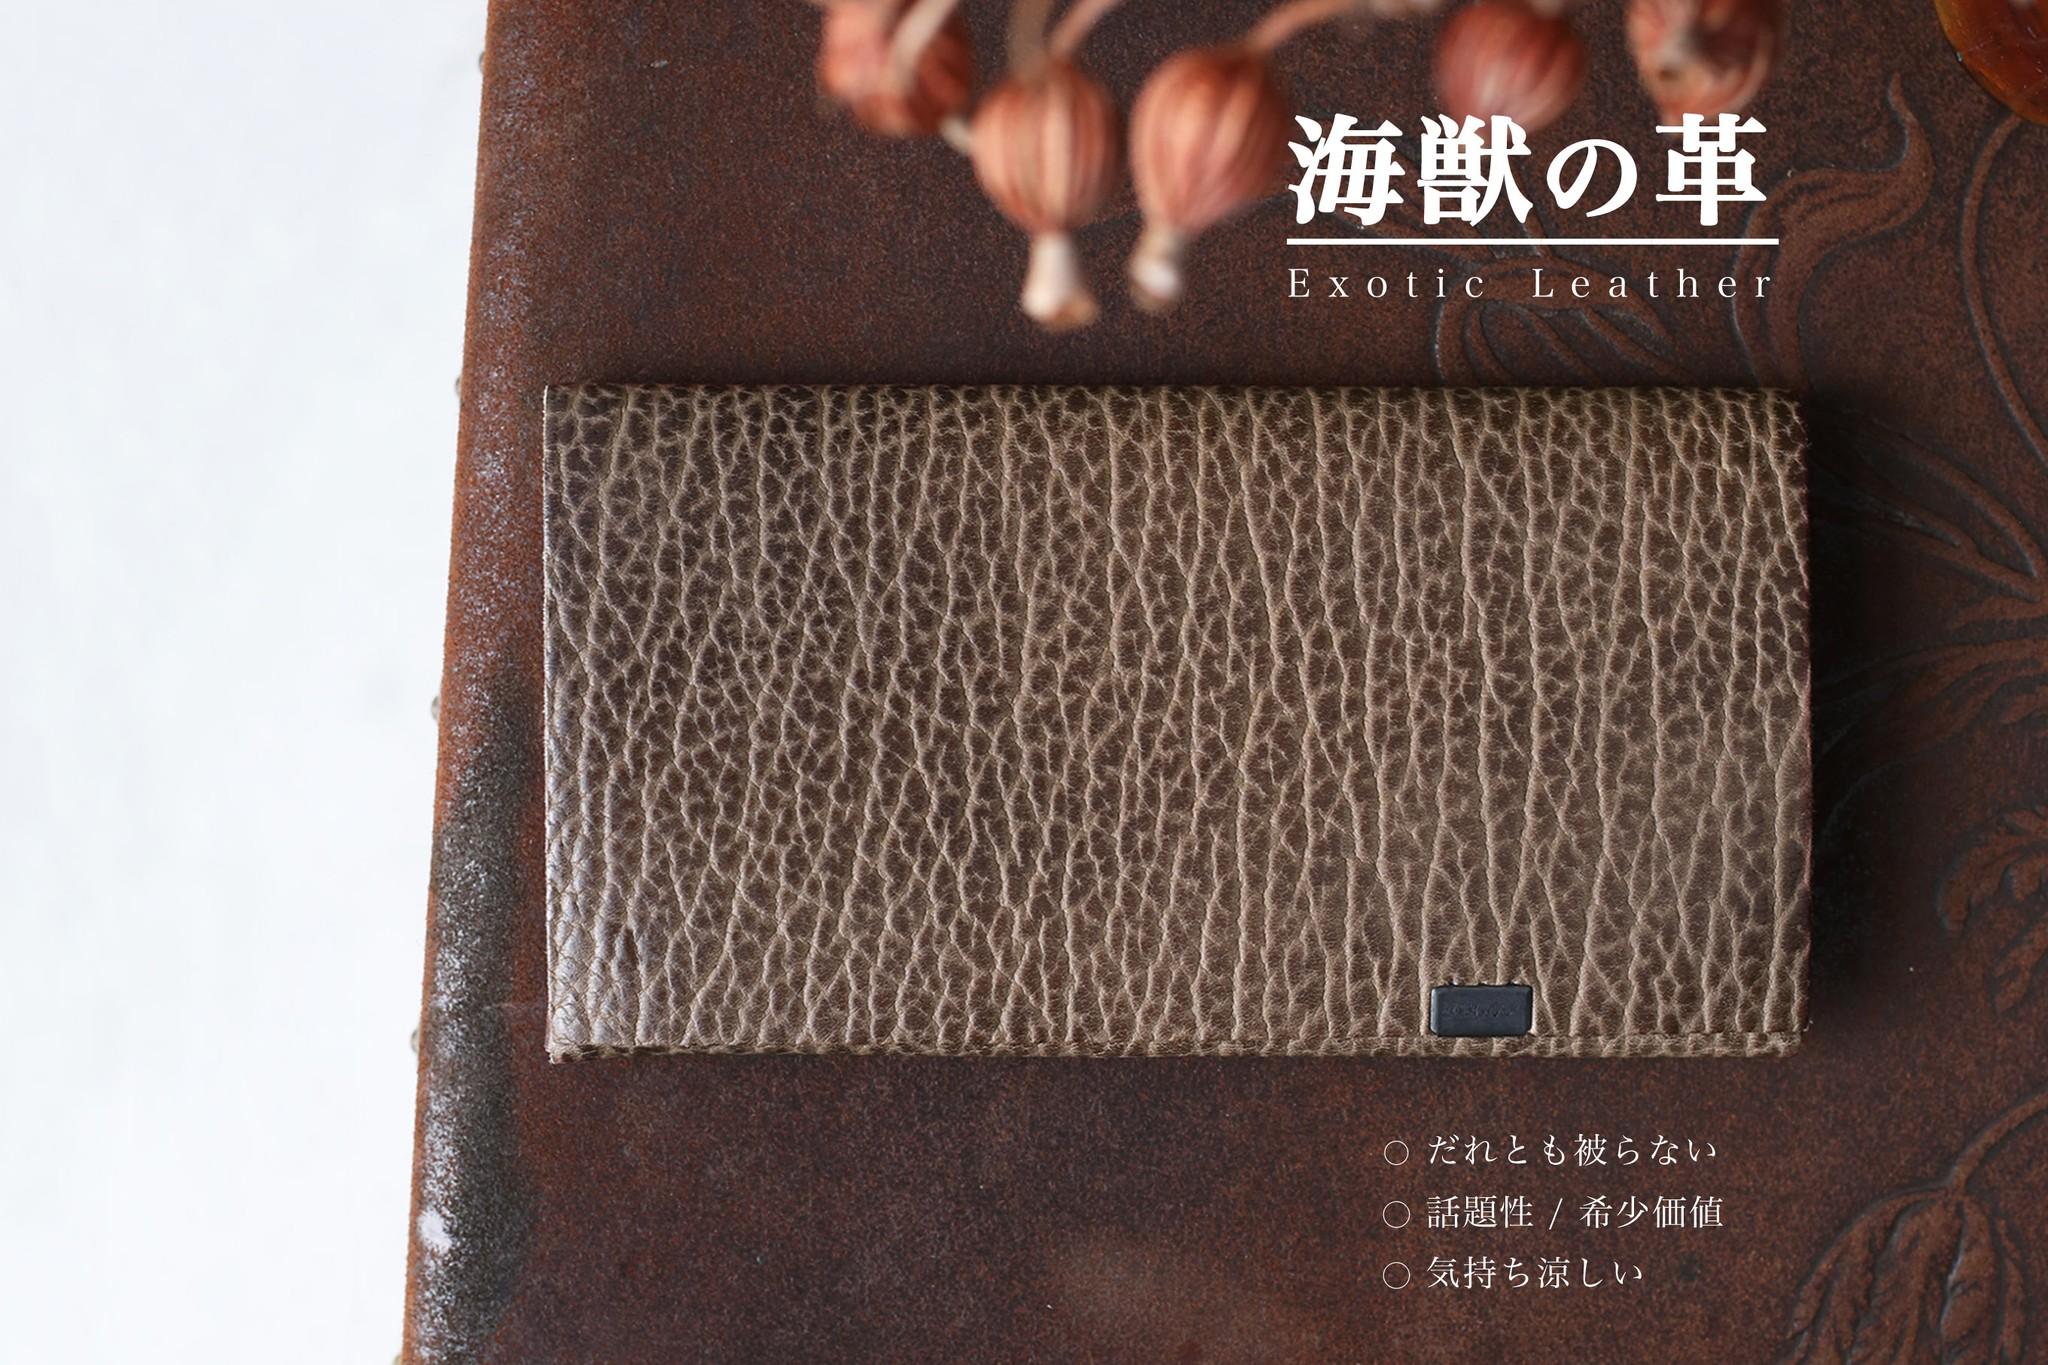 エキゾチックレザー / 海獣(オットセイ)の革